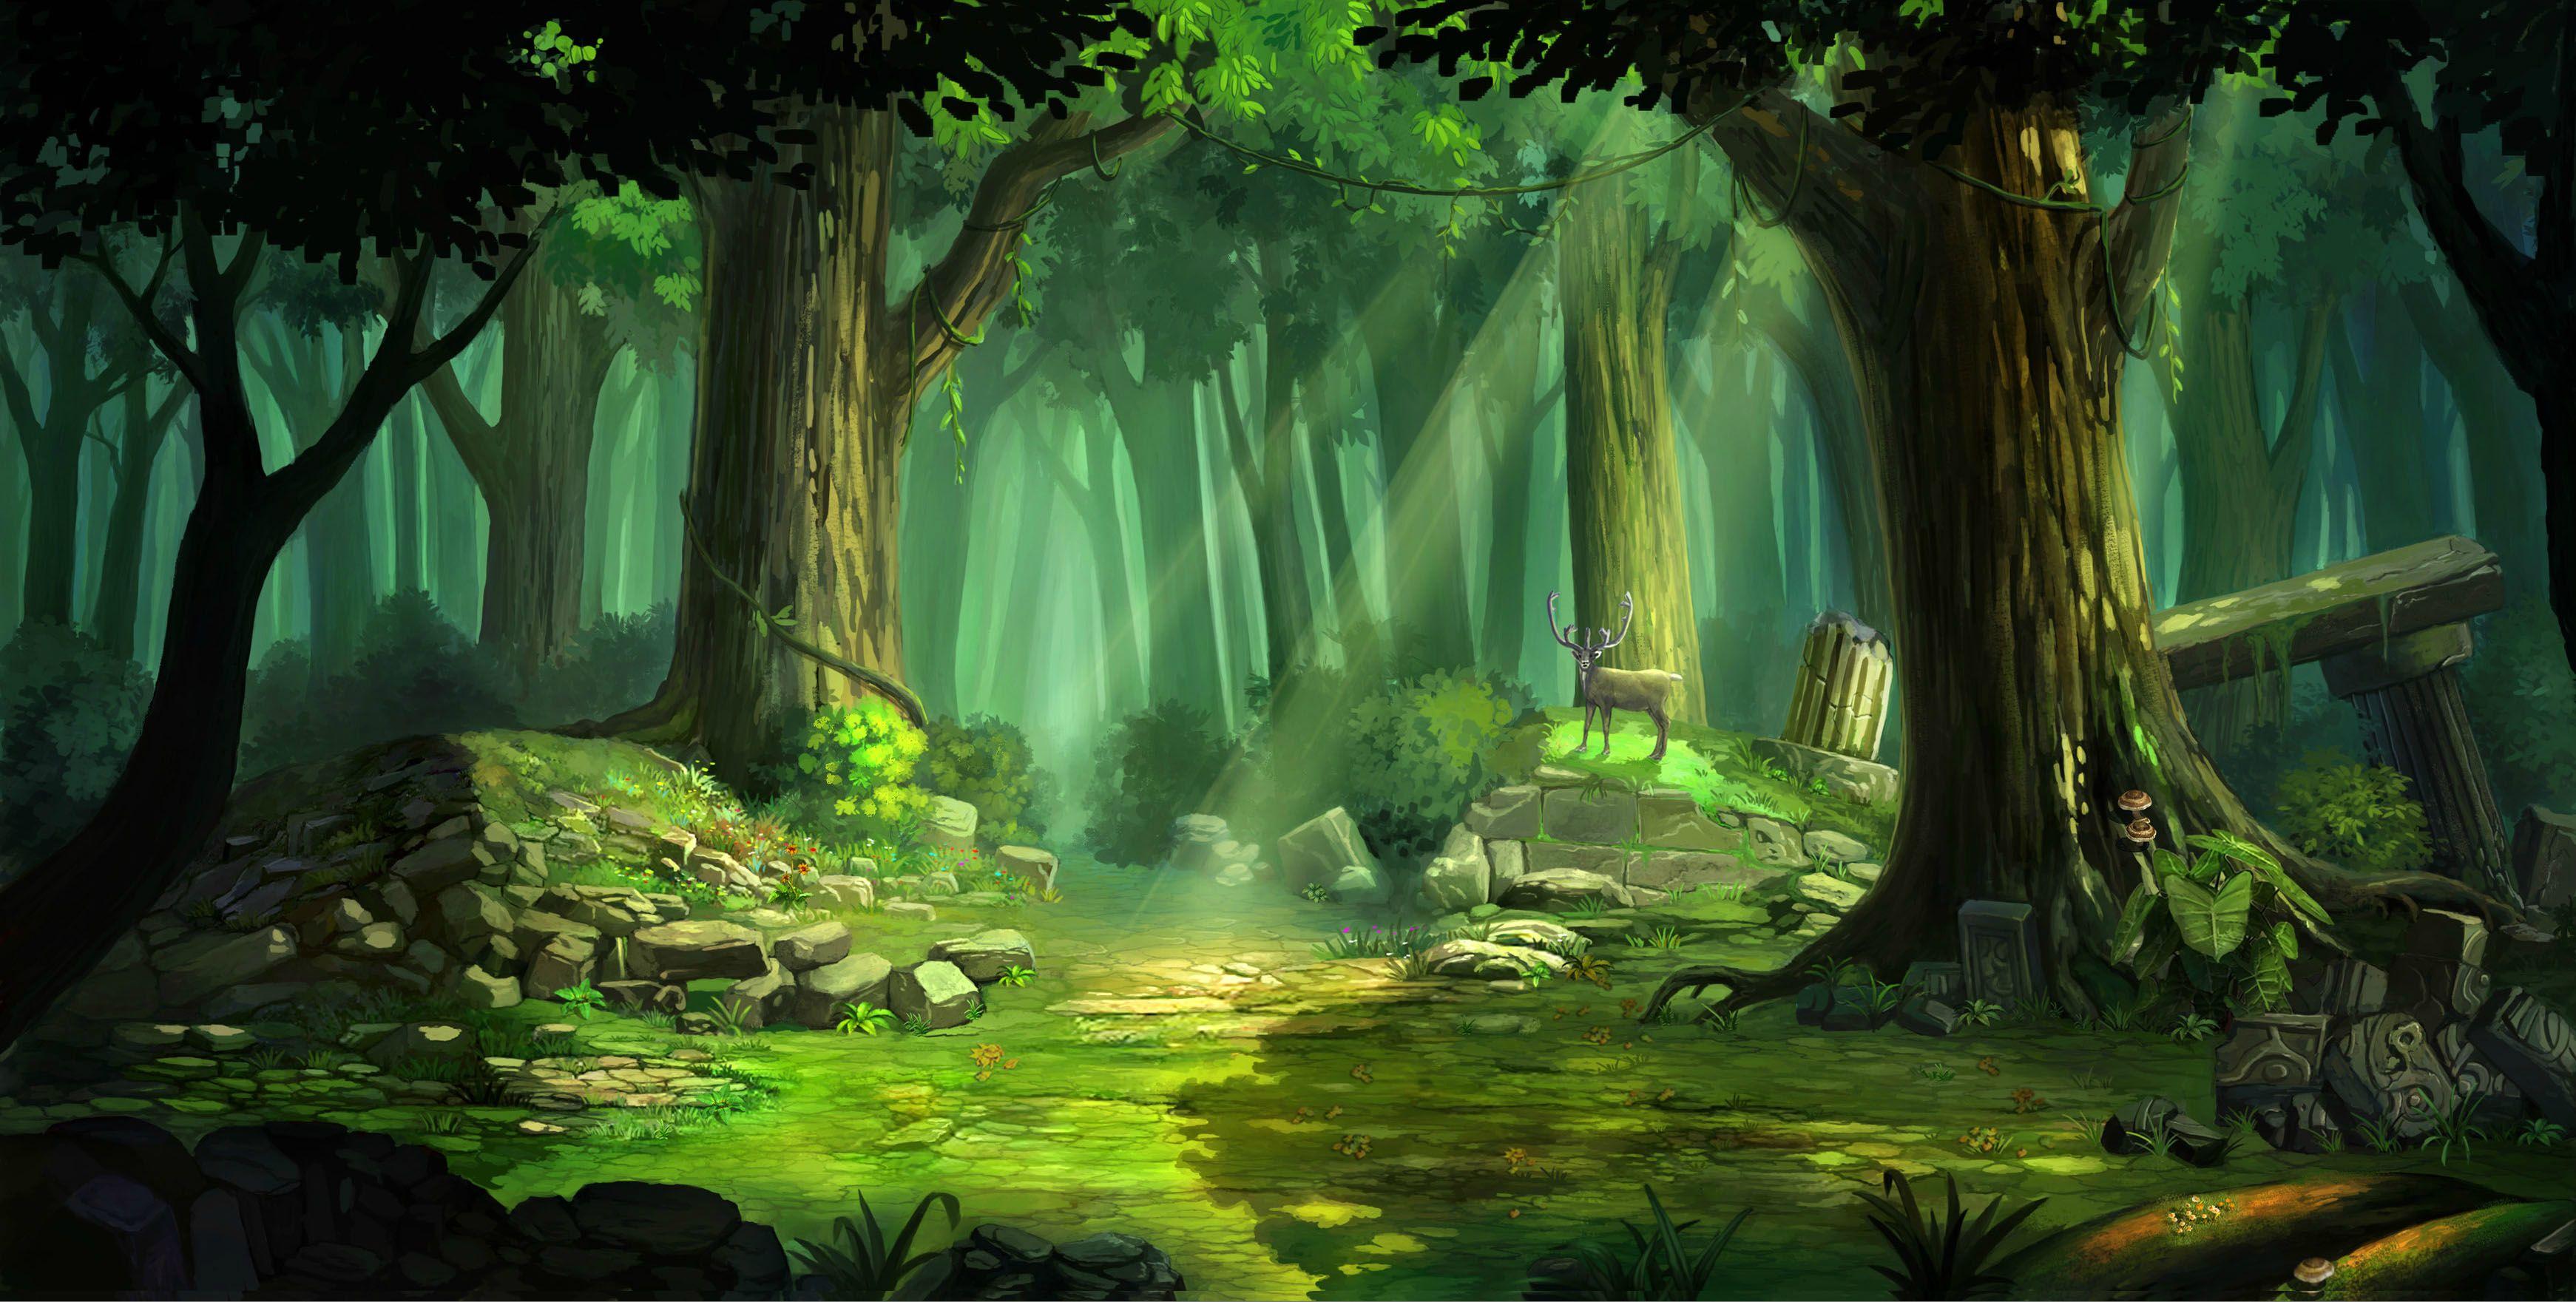 Sombras Rastejantes Painel-de-festa-floresta-3-painel-em-tecido